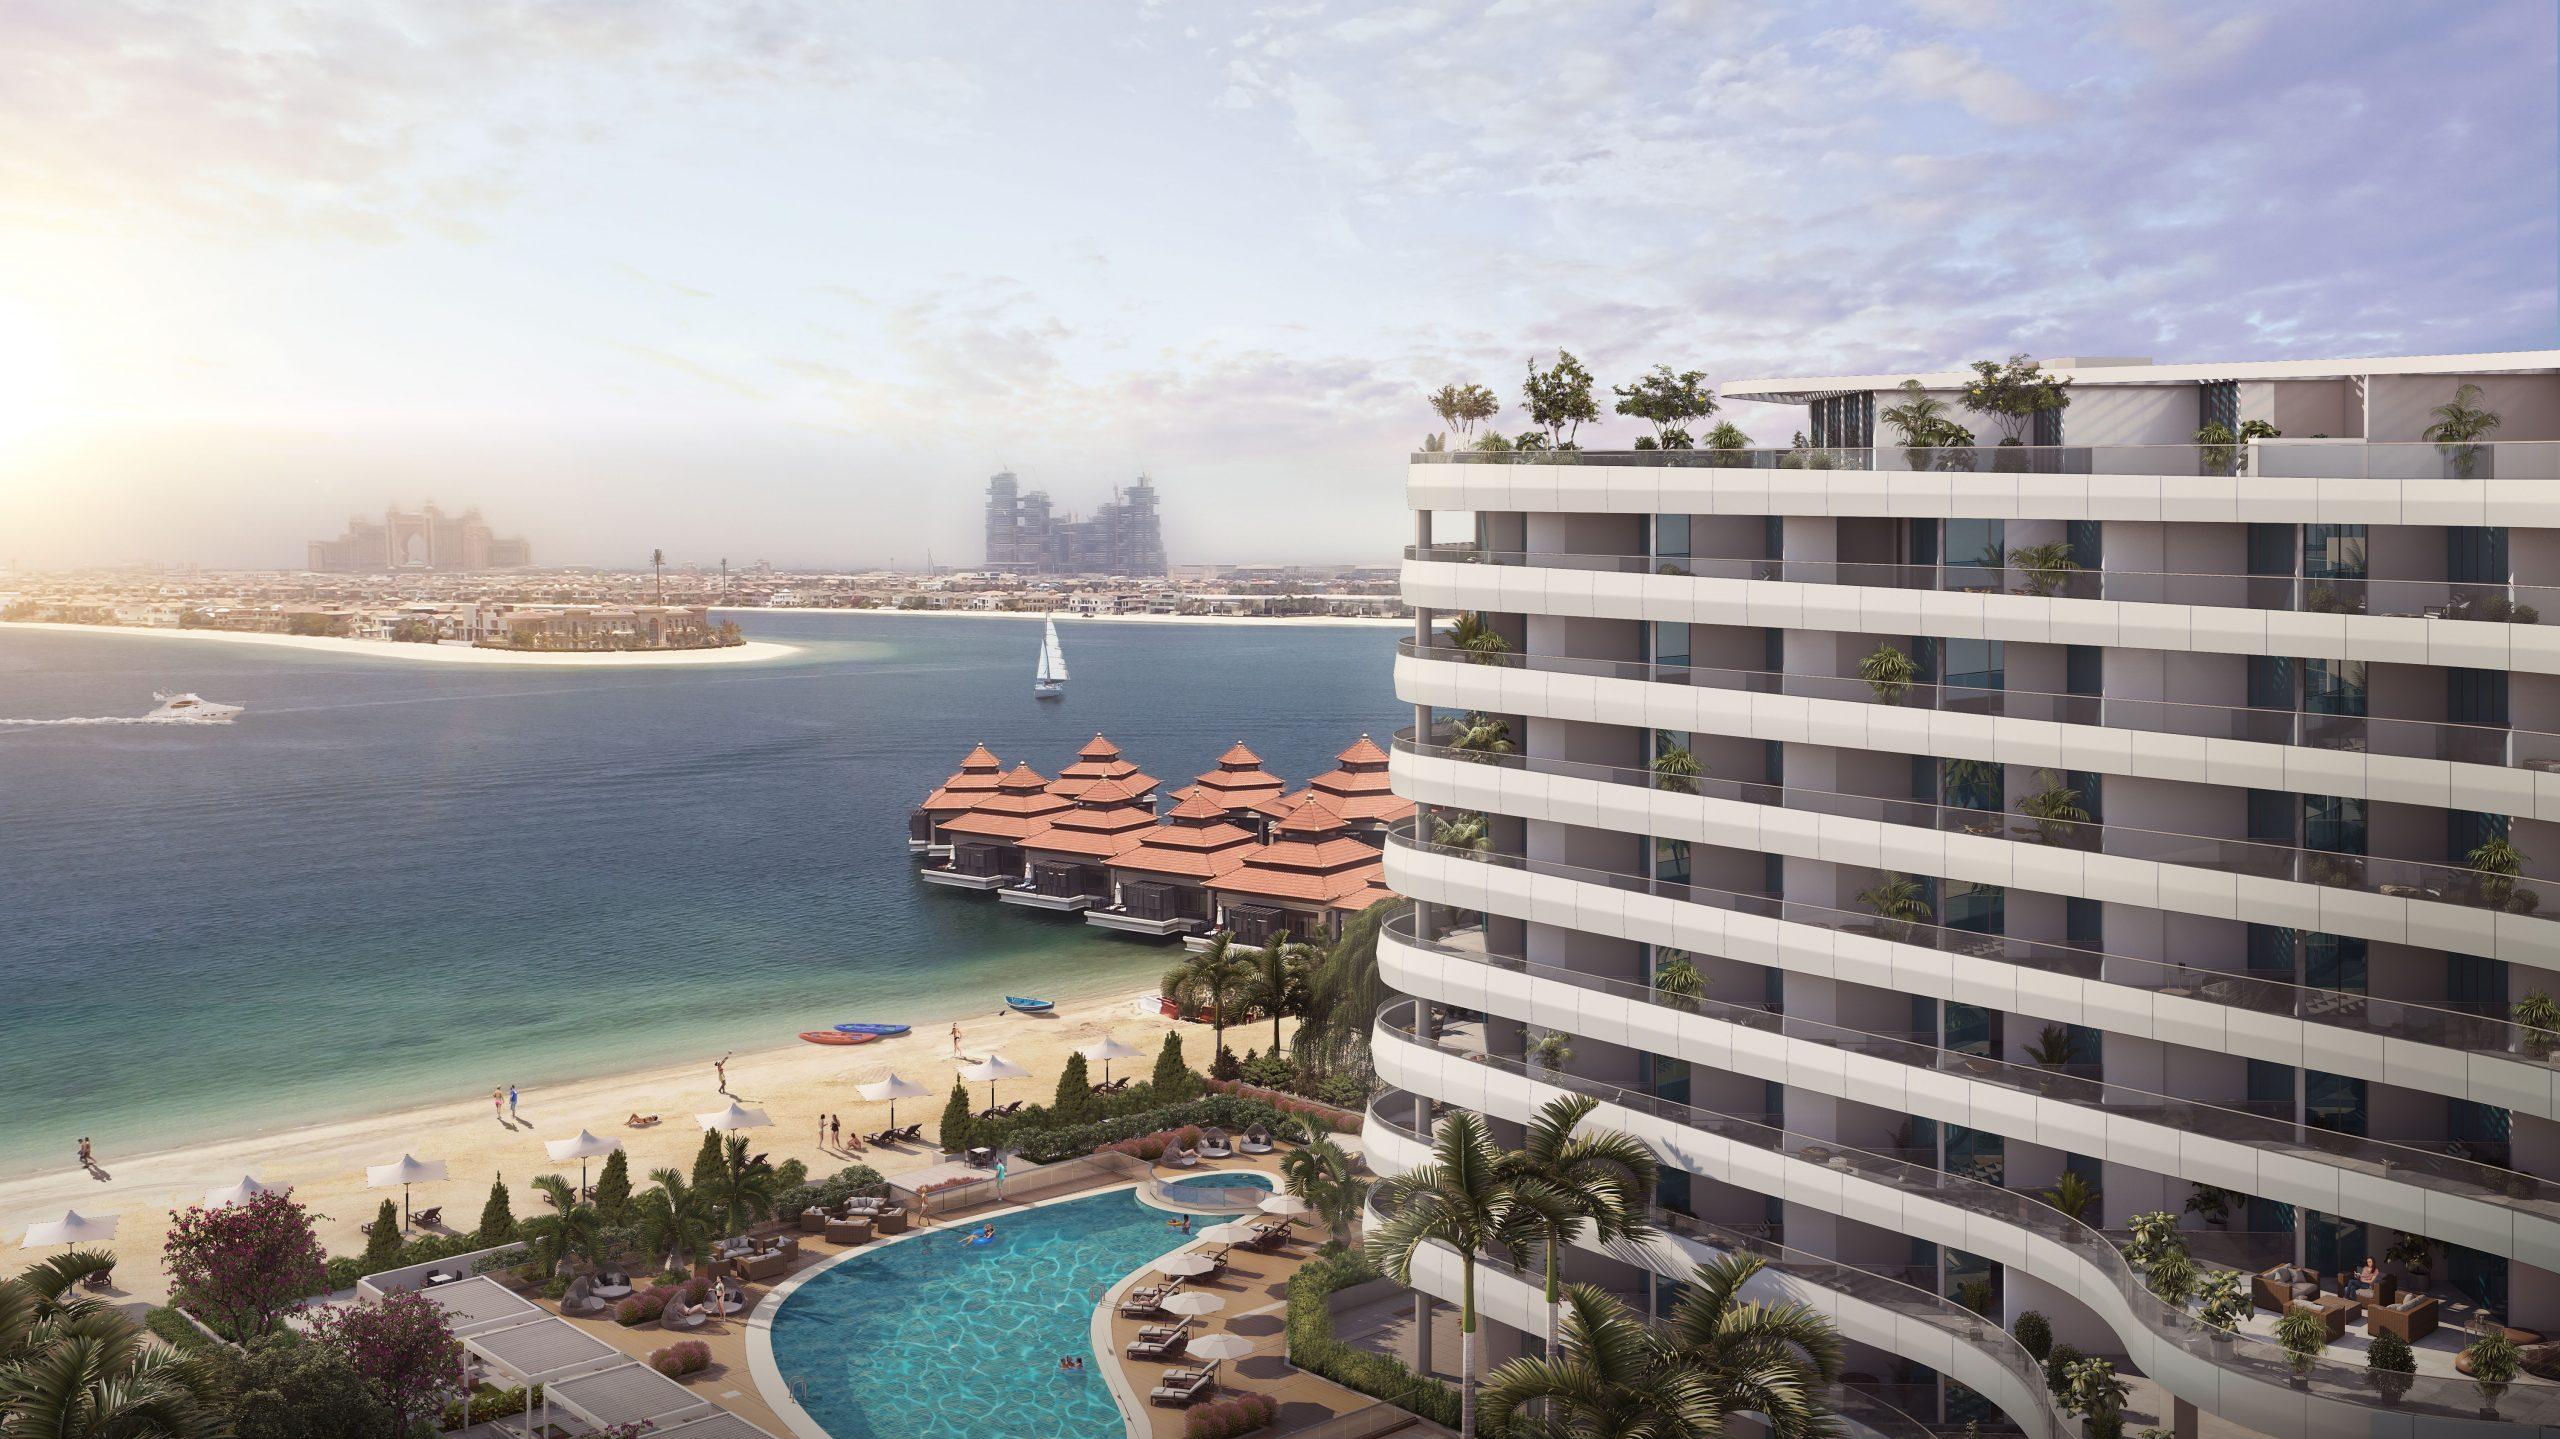 Mina — Palm Jumeirah, Dubai